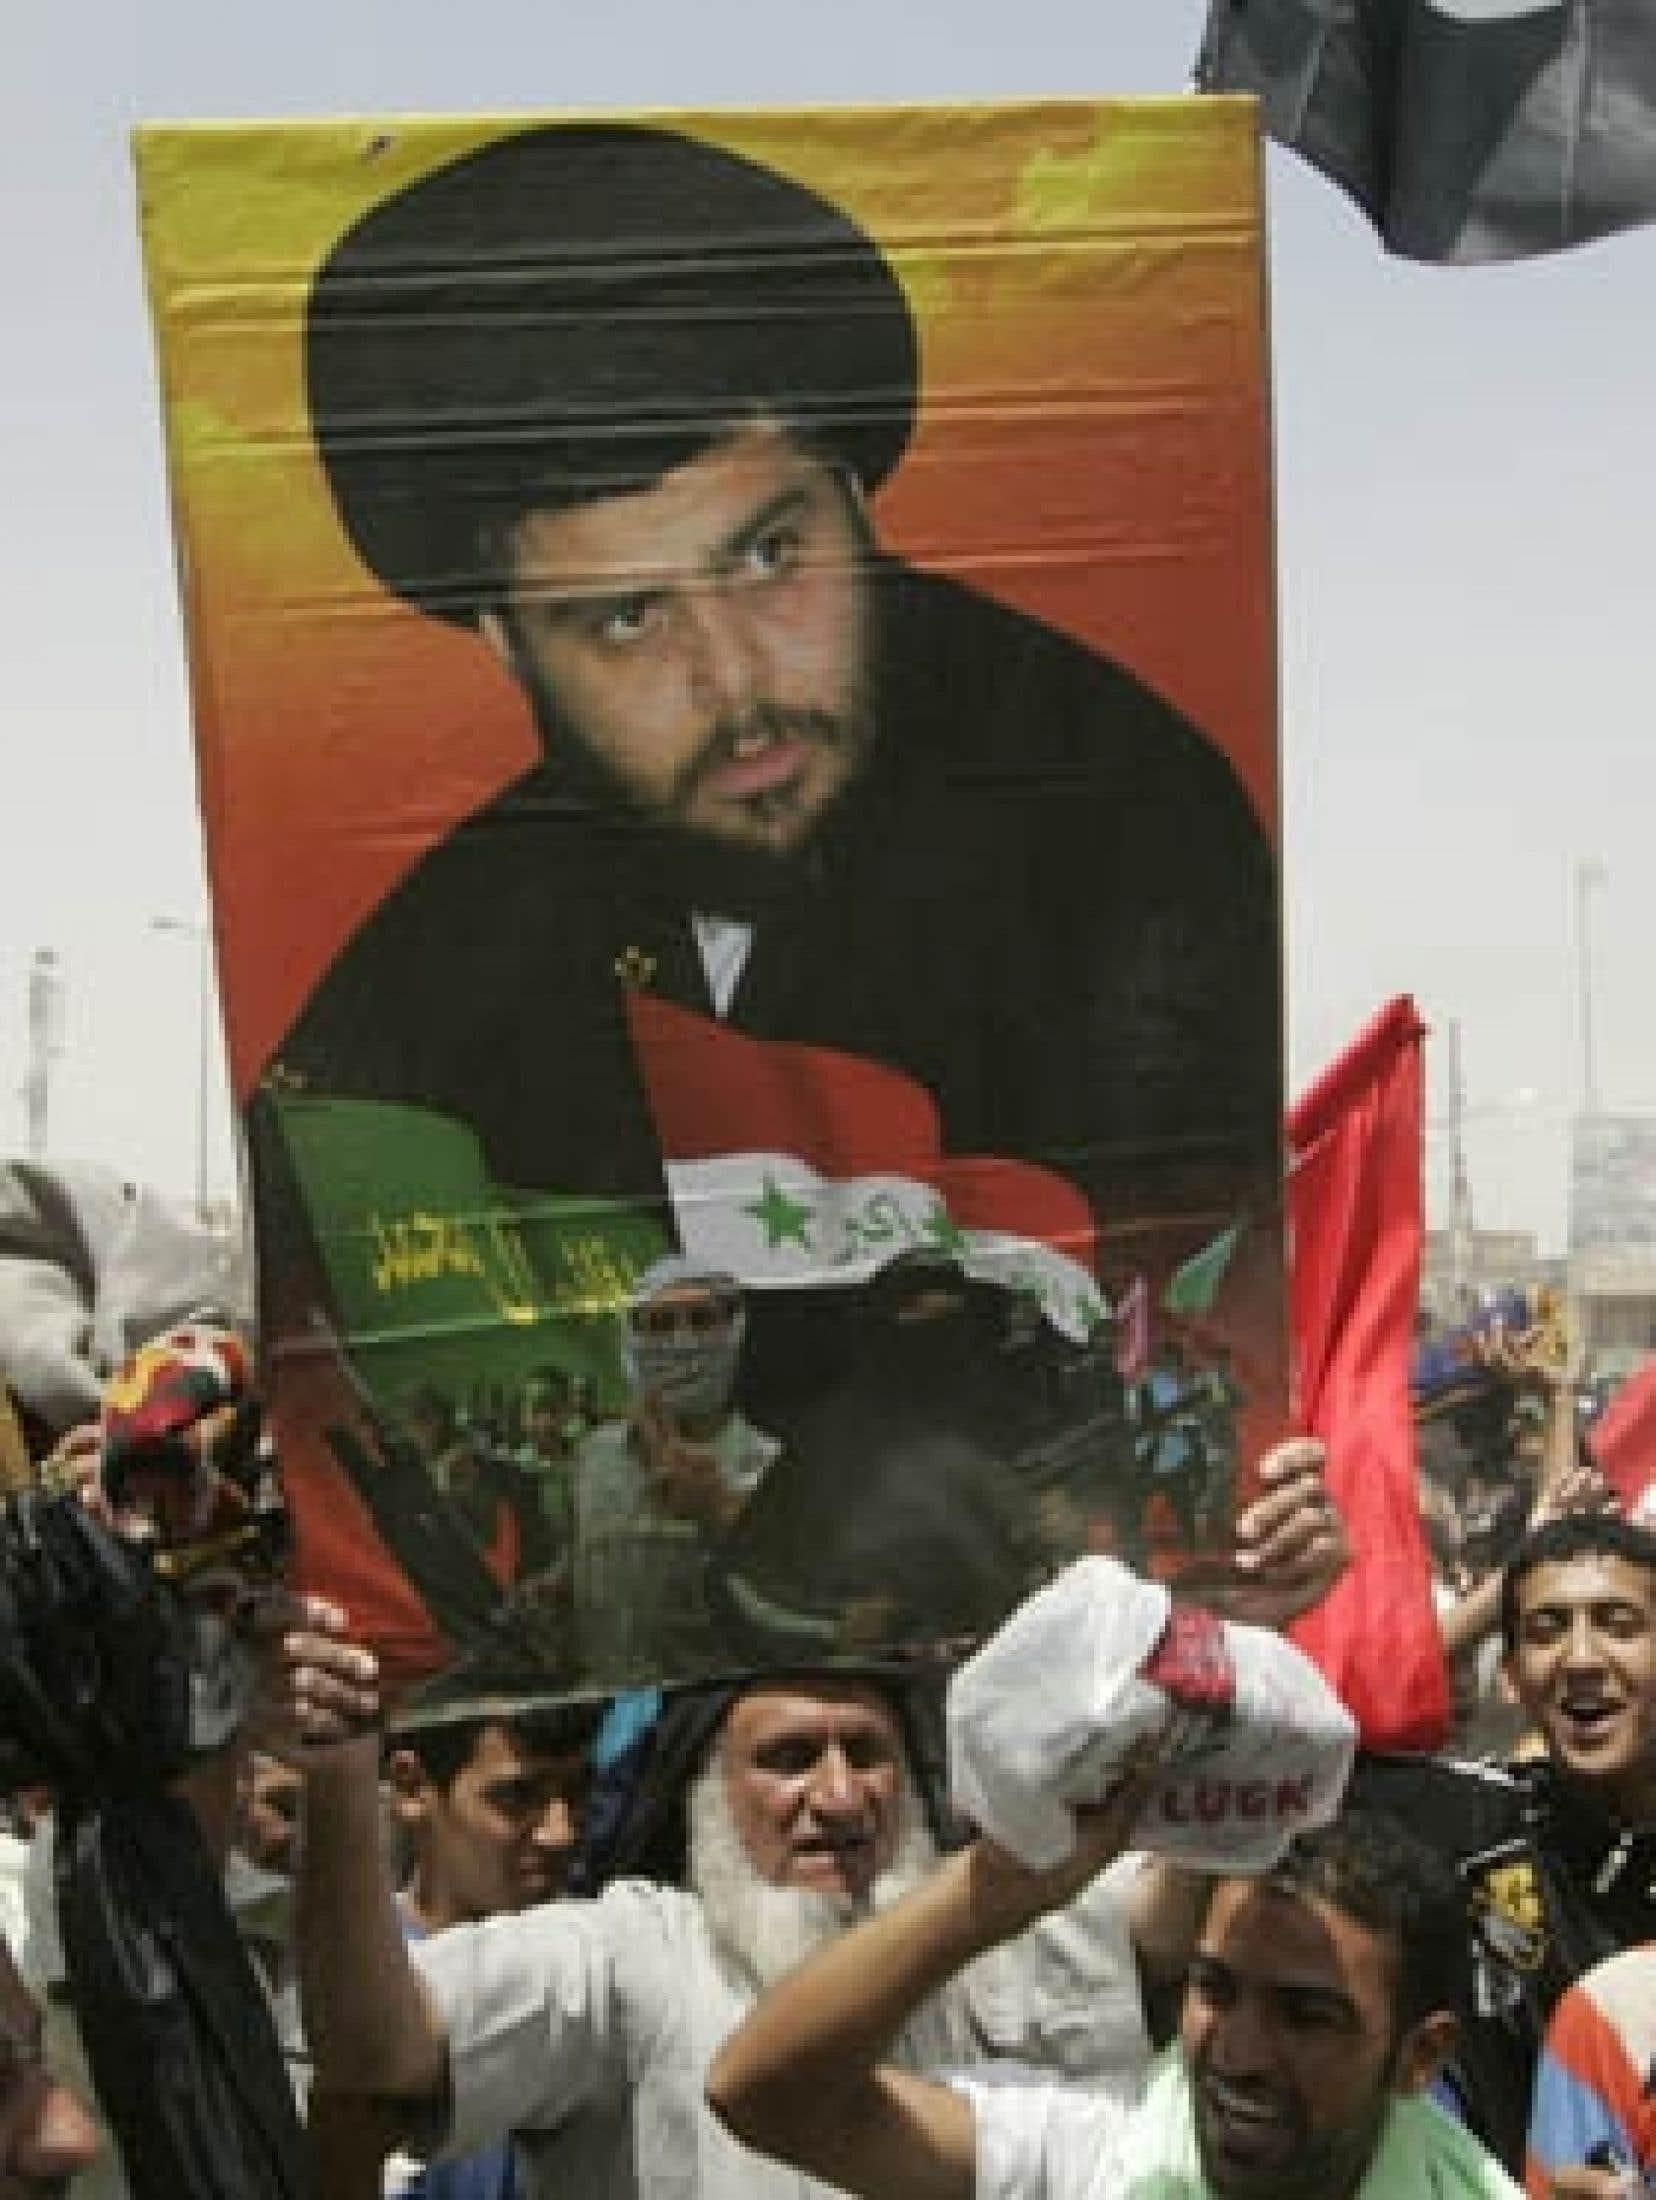 Manifestation de partisans du leader chiite dans le quartier de Sadr City à Bagdad hier